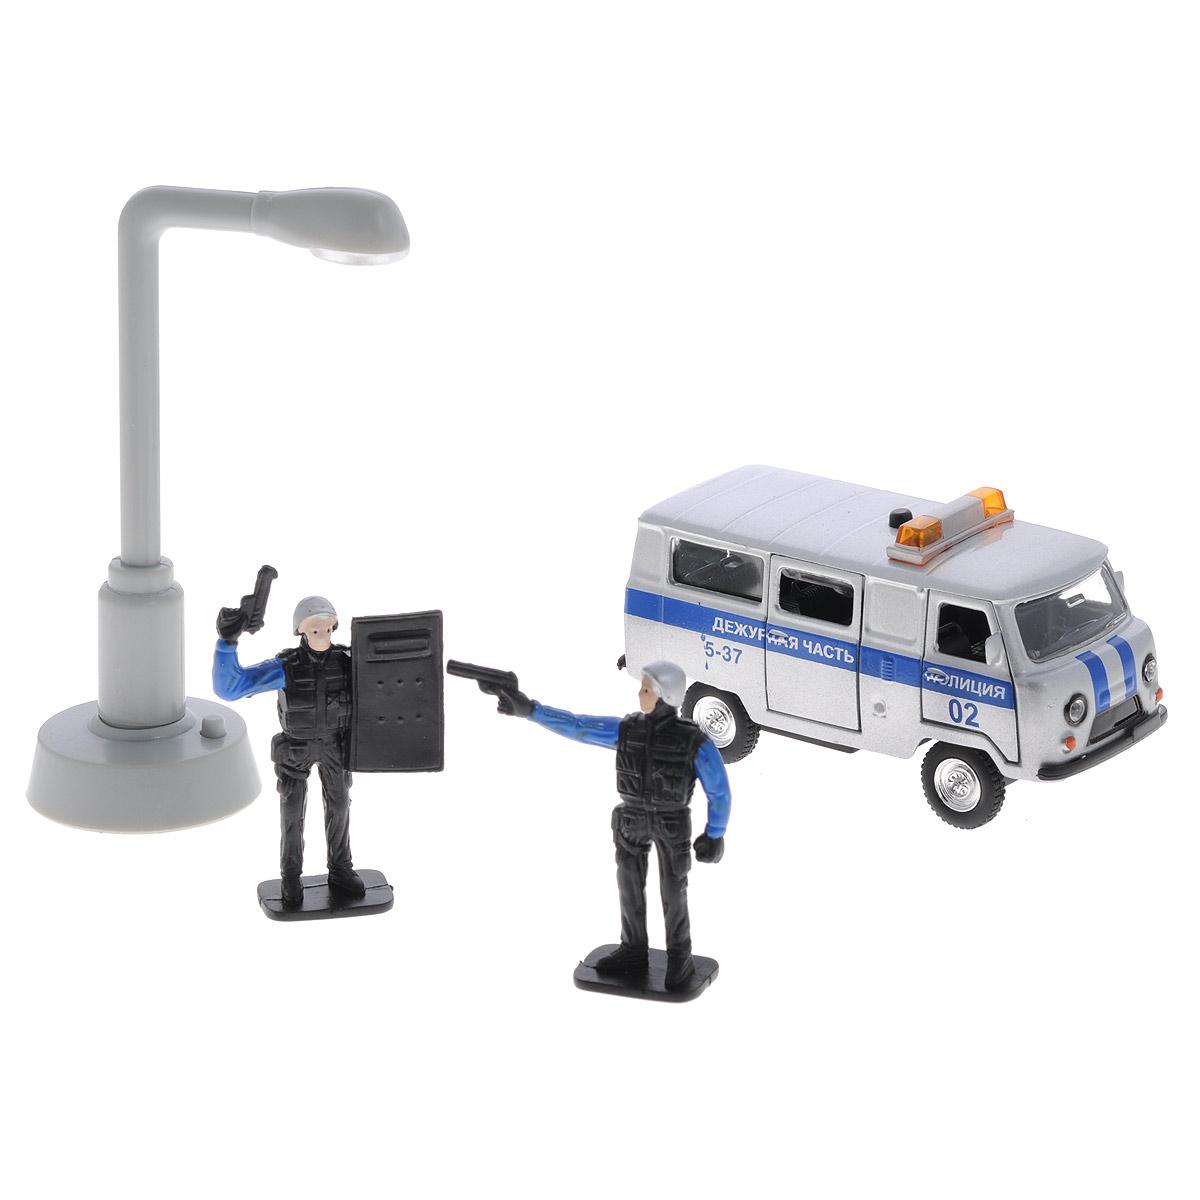 Игровой набор ТехноПарк Полиция: Дежурная частьCT-1232-TL(WB)Игровой набор ТехноПарк Полиция: Дежурная часть непременно станет любимой игрушкой вашего малыша. В набор входит полицейский автомобиль марки UAZ 39625, две фигурки полицейских, два дорожных знака, две башенки дорожного ограждения и фонарь уличного освещения. Игрушки изготовлены из металла и высококачественного пластика. Дверцы кабины и багажного отделения машинки открываются. При нажатии кнопки на крыше замигают проблесковые маячки, прозвучат звуки сирены и команды полицейского. При нажатии кнопки у основания фонаря в нем на непродолжительное время загорается лампочка. Машинка оснащена инерционным ходом. Ее необходимо отвести назад, затем отпустить - и она быстро поедет вперед. Прорезиненные колеса обеспечивают надежное сцепление с любой гладкой поверхностью. Ваш ребенок будет часами играть с этим набором, придумывая различные истории. Порадуйте его таким замечательным подарком! Машинка работает от батареек (товар комплектуется демонстрационными).